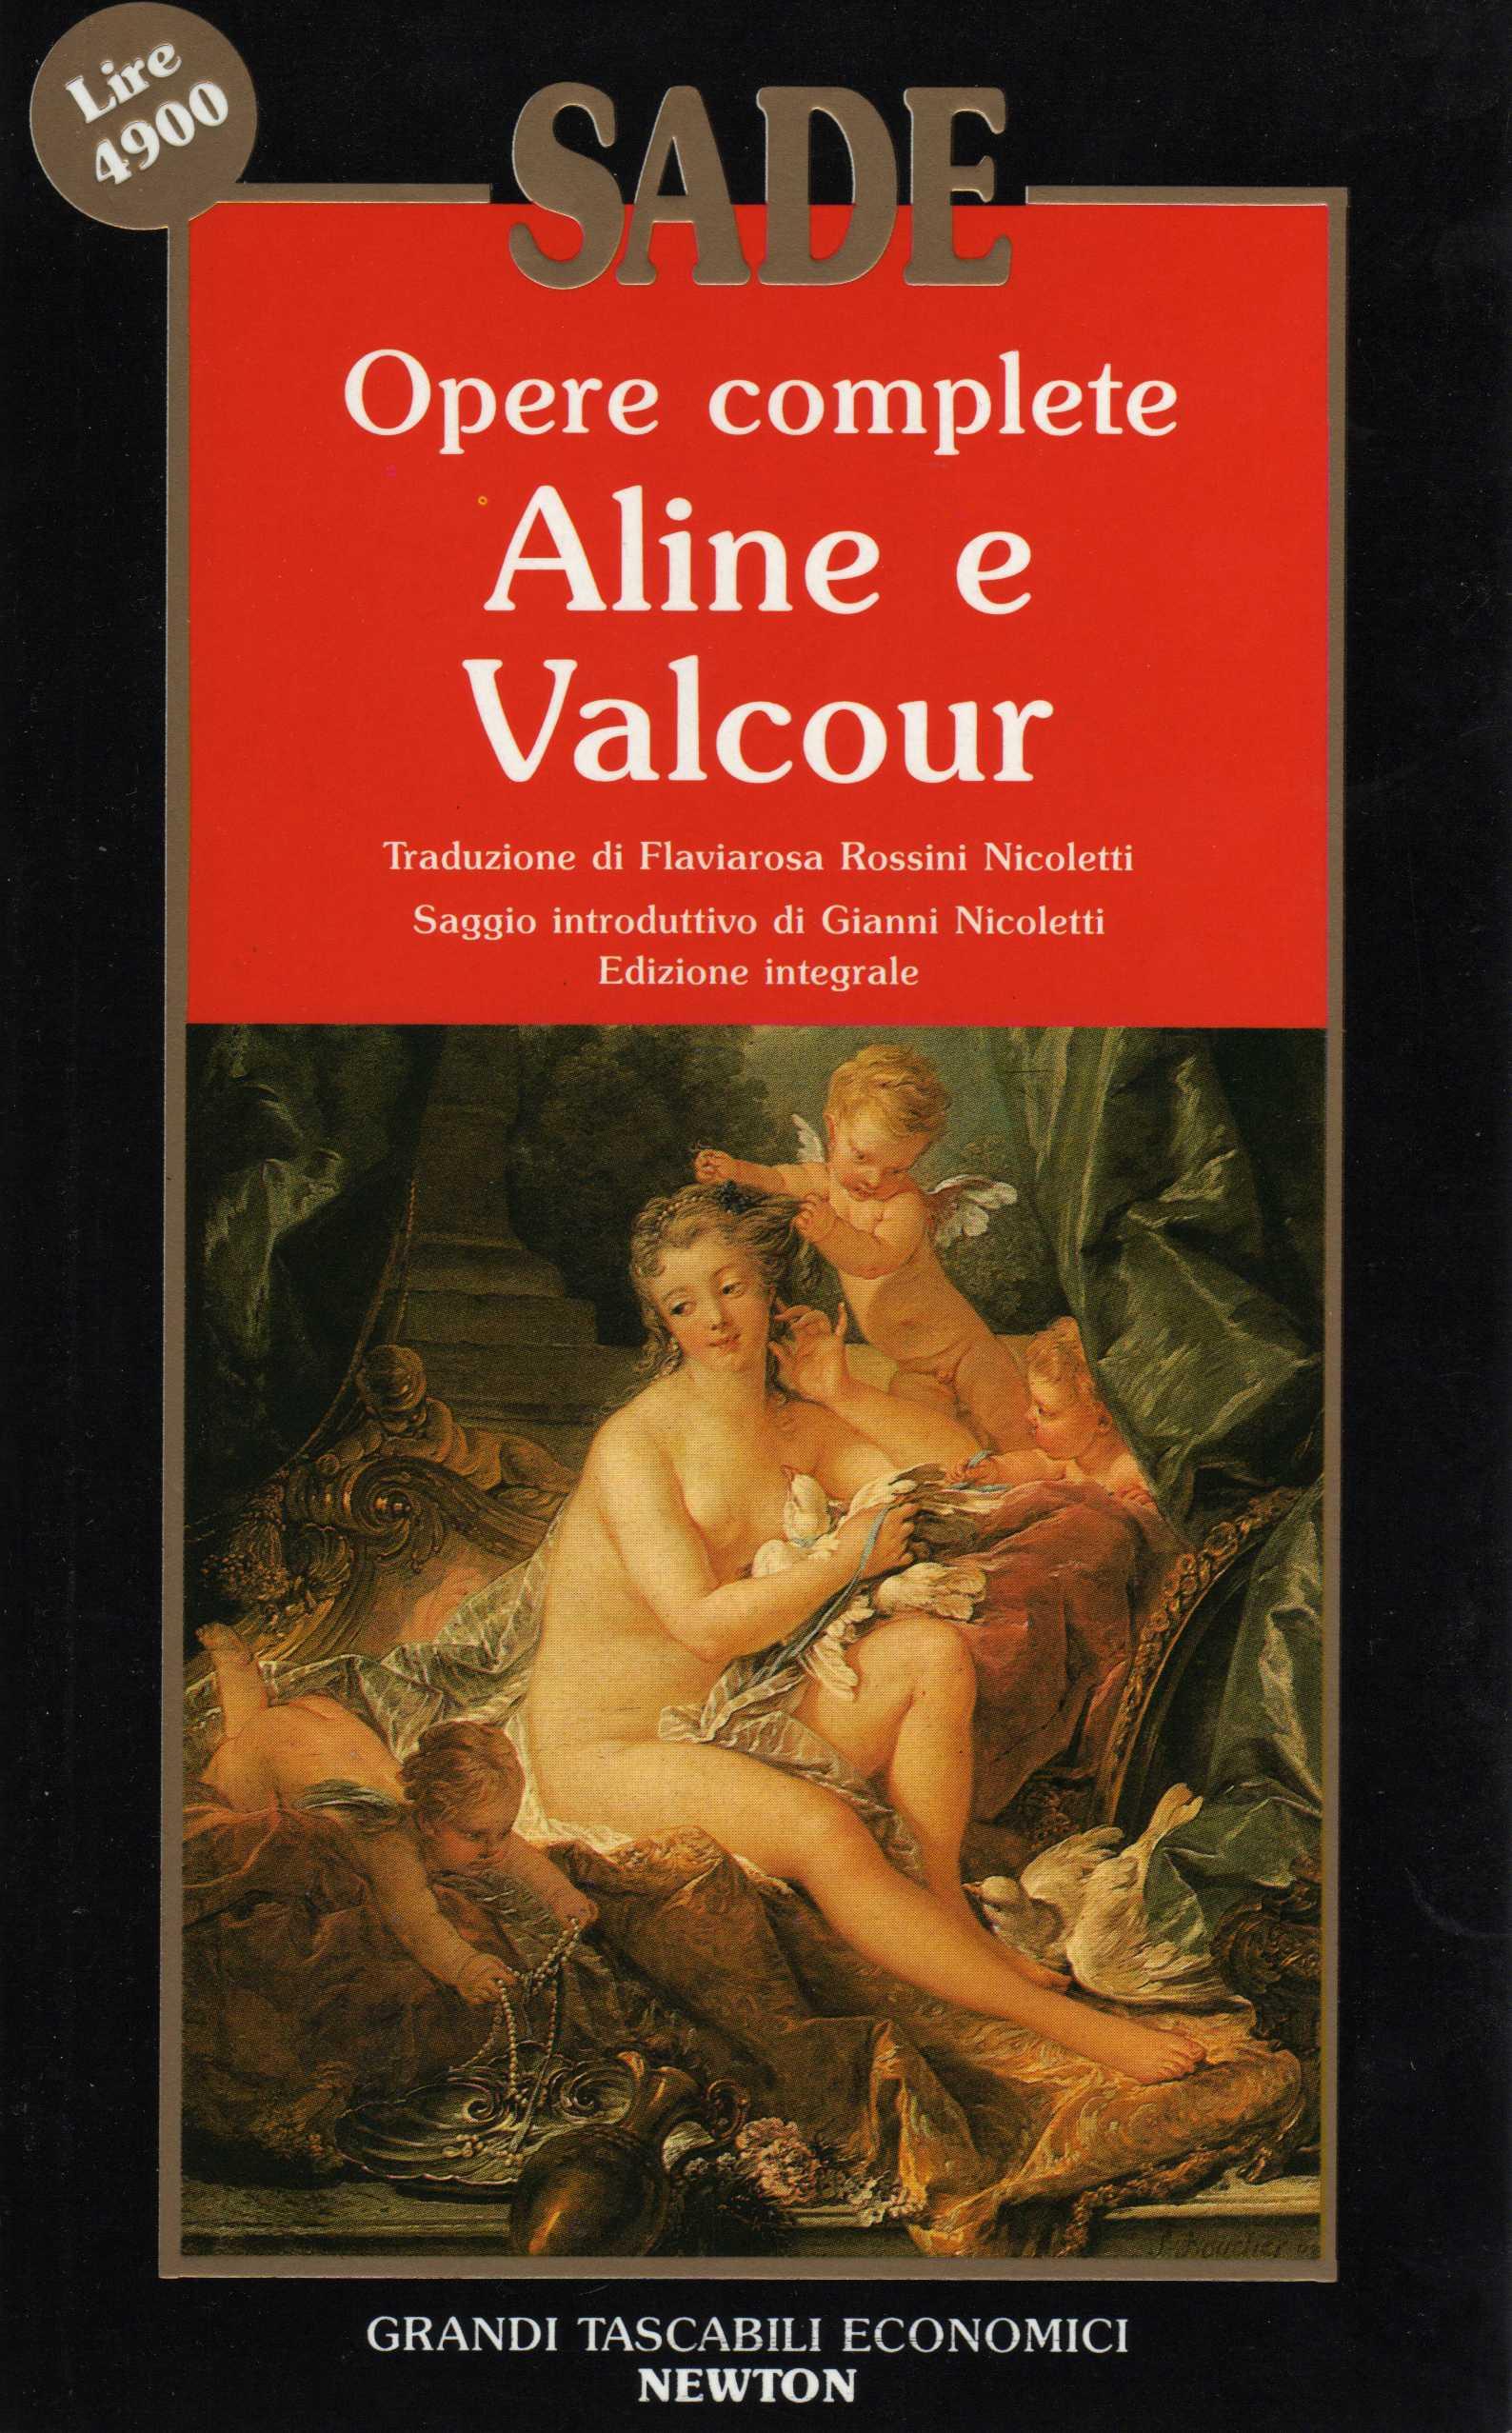 Aline e Valcour